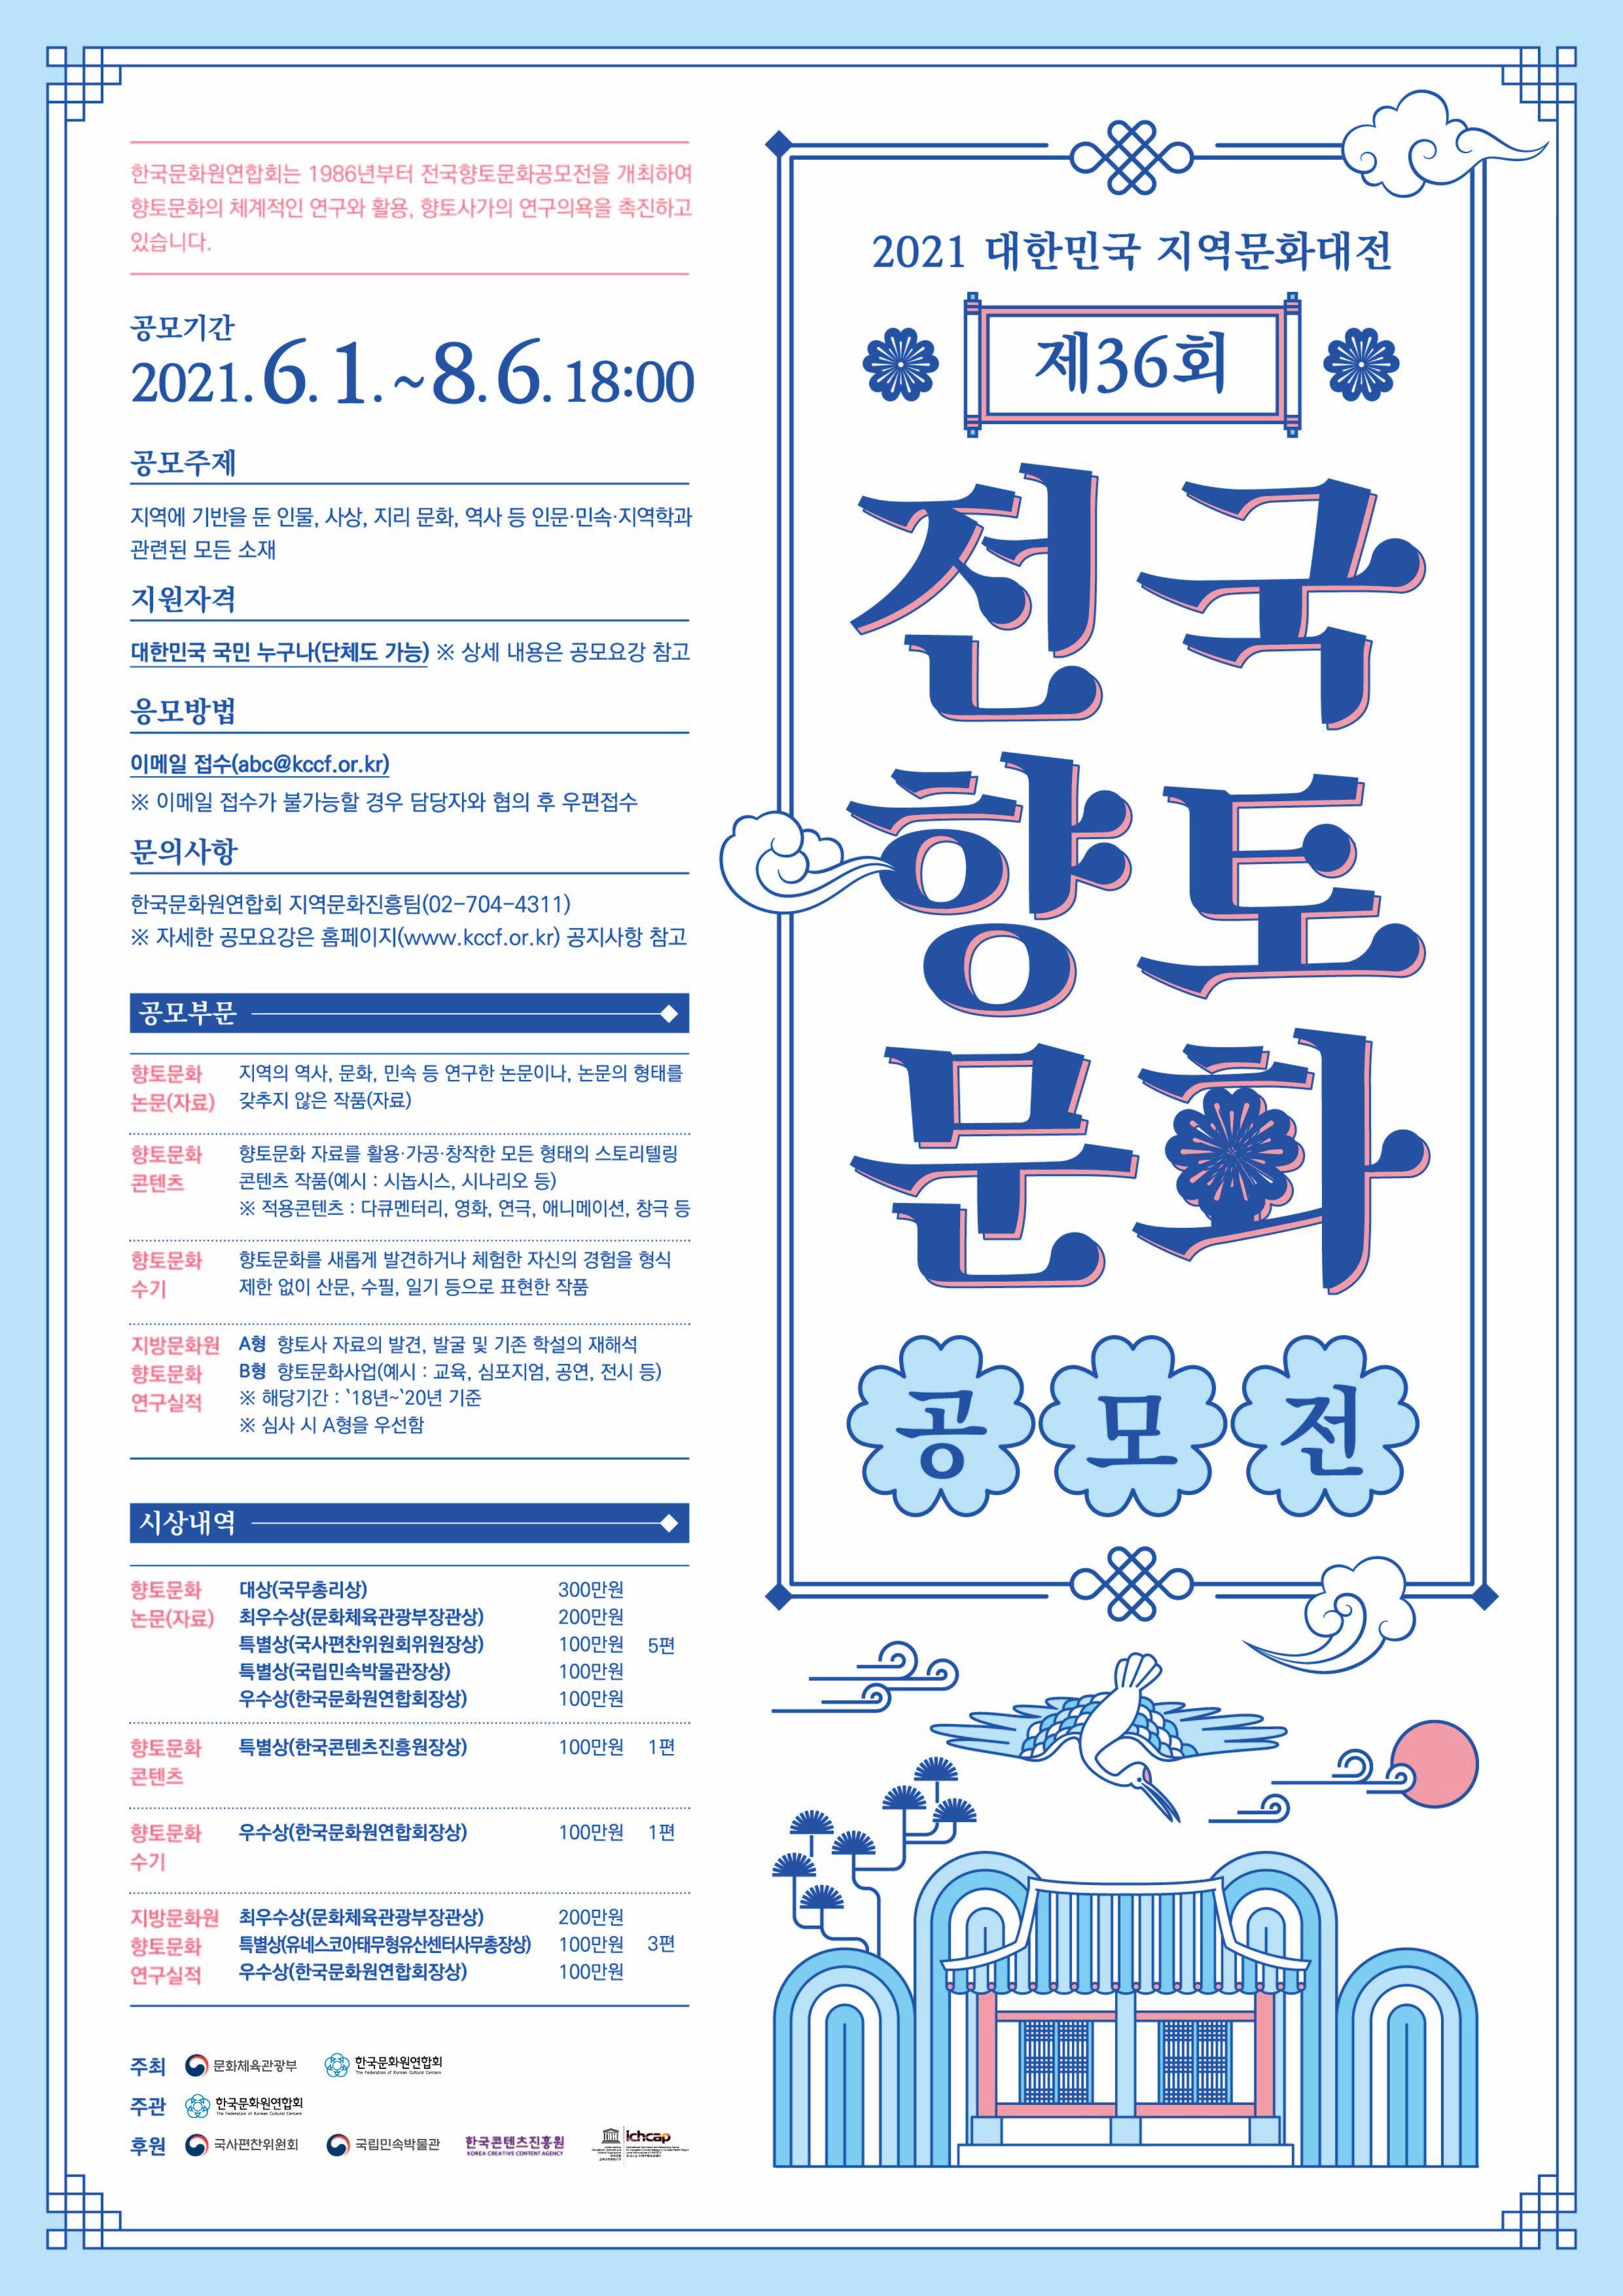 제 36회 전국 향토문화공모전